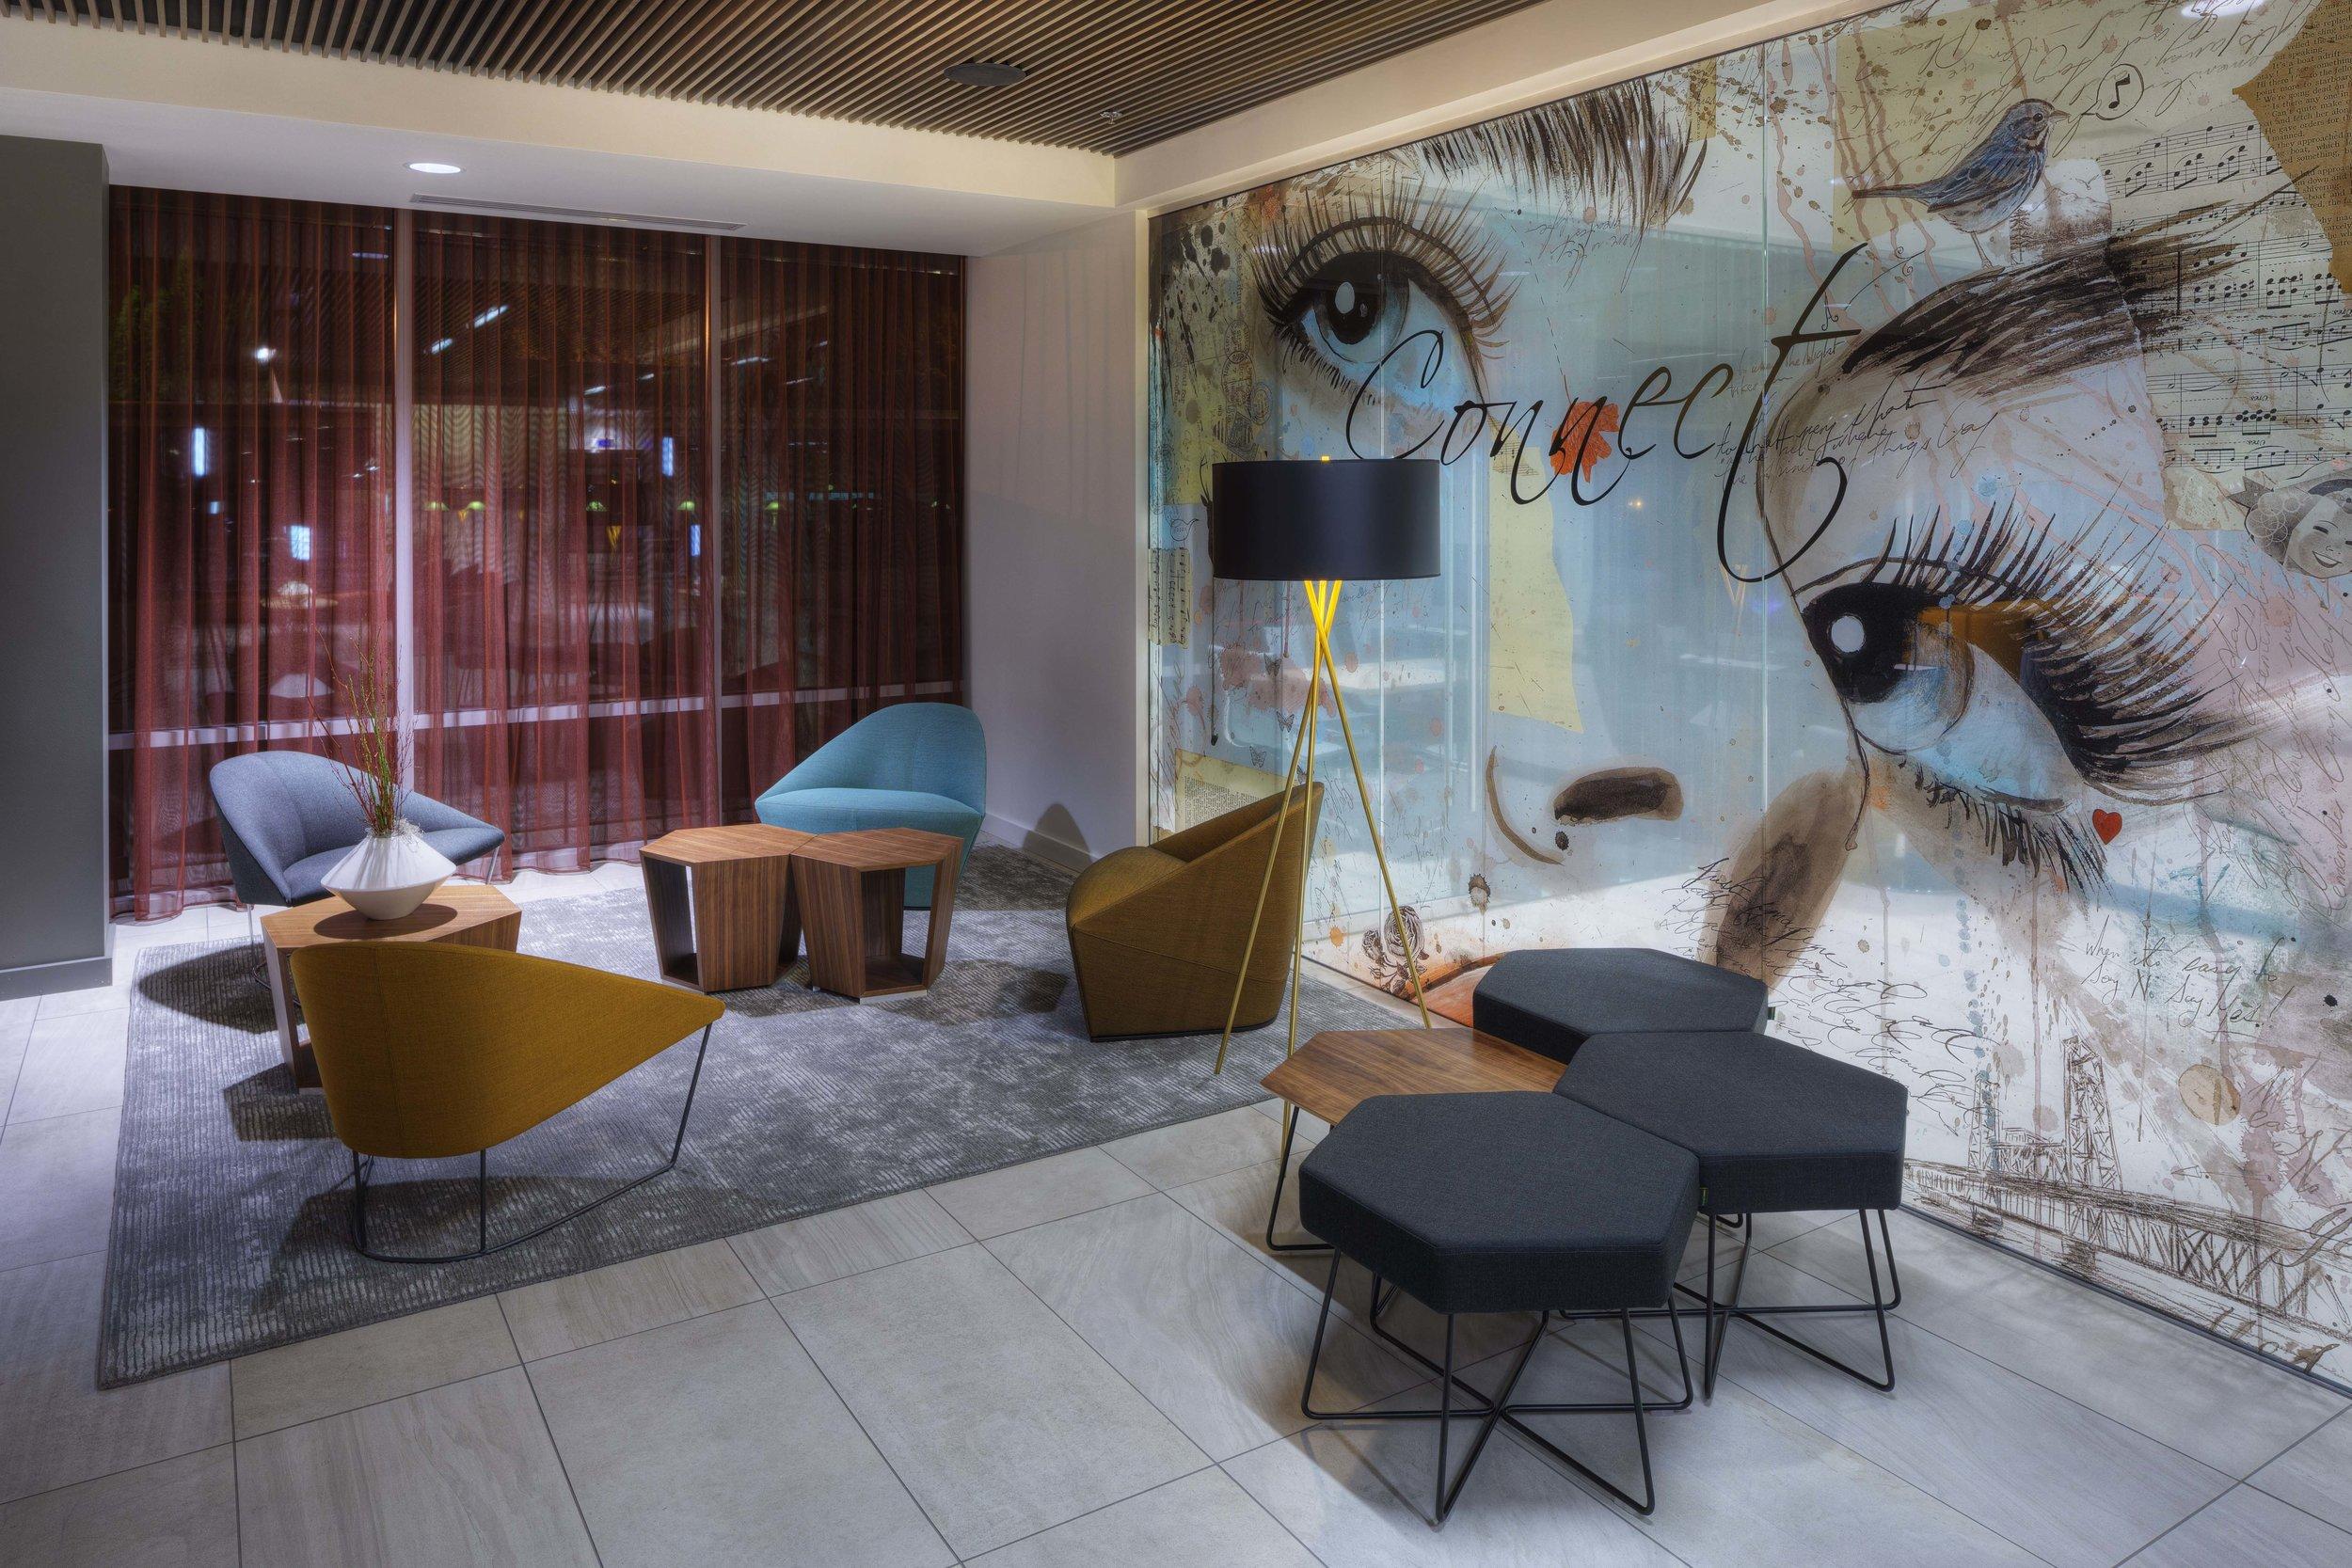 Hotel Eastlund Lobby Art.jpg